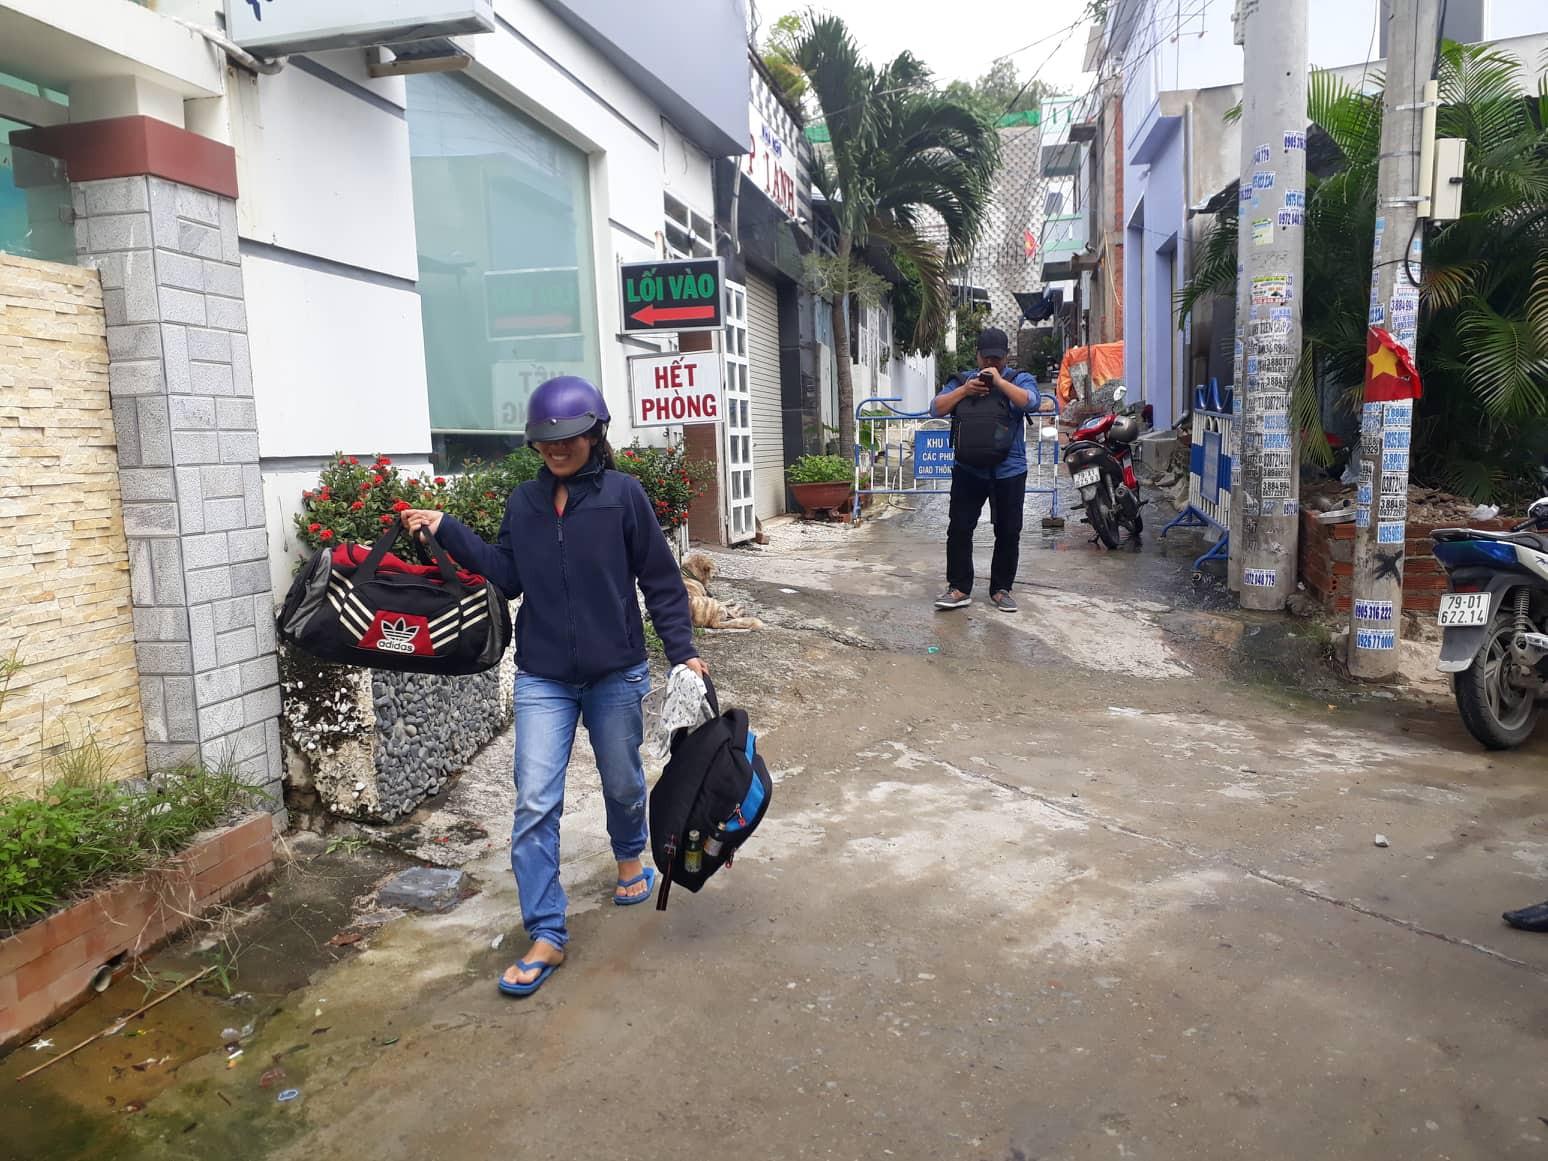 Khánh Hòa lên phương án tháo dỡ tường chắn dự án Marina Hill uy hiếp nhà dân - Ảnh 4.